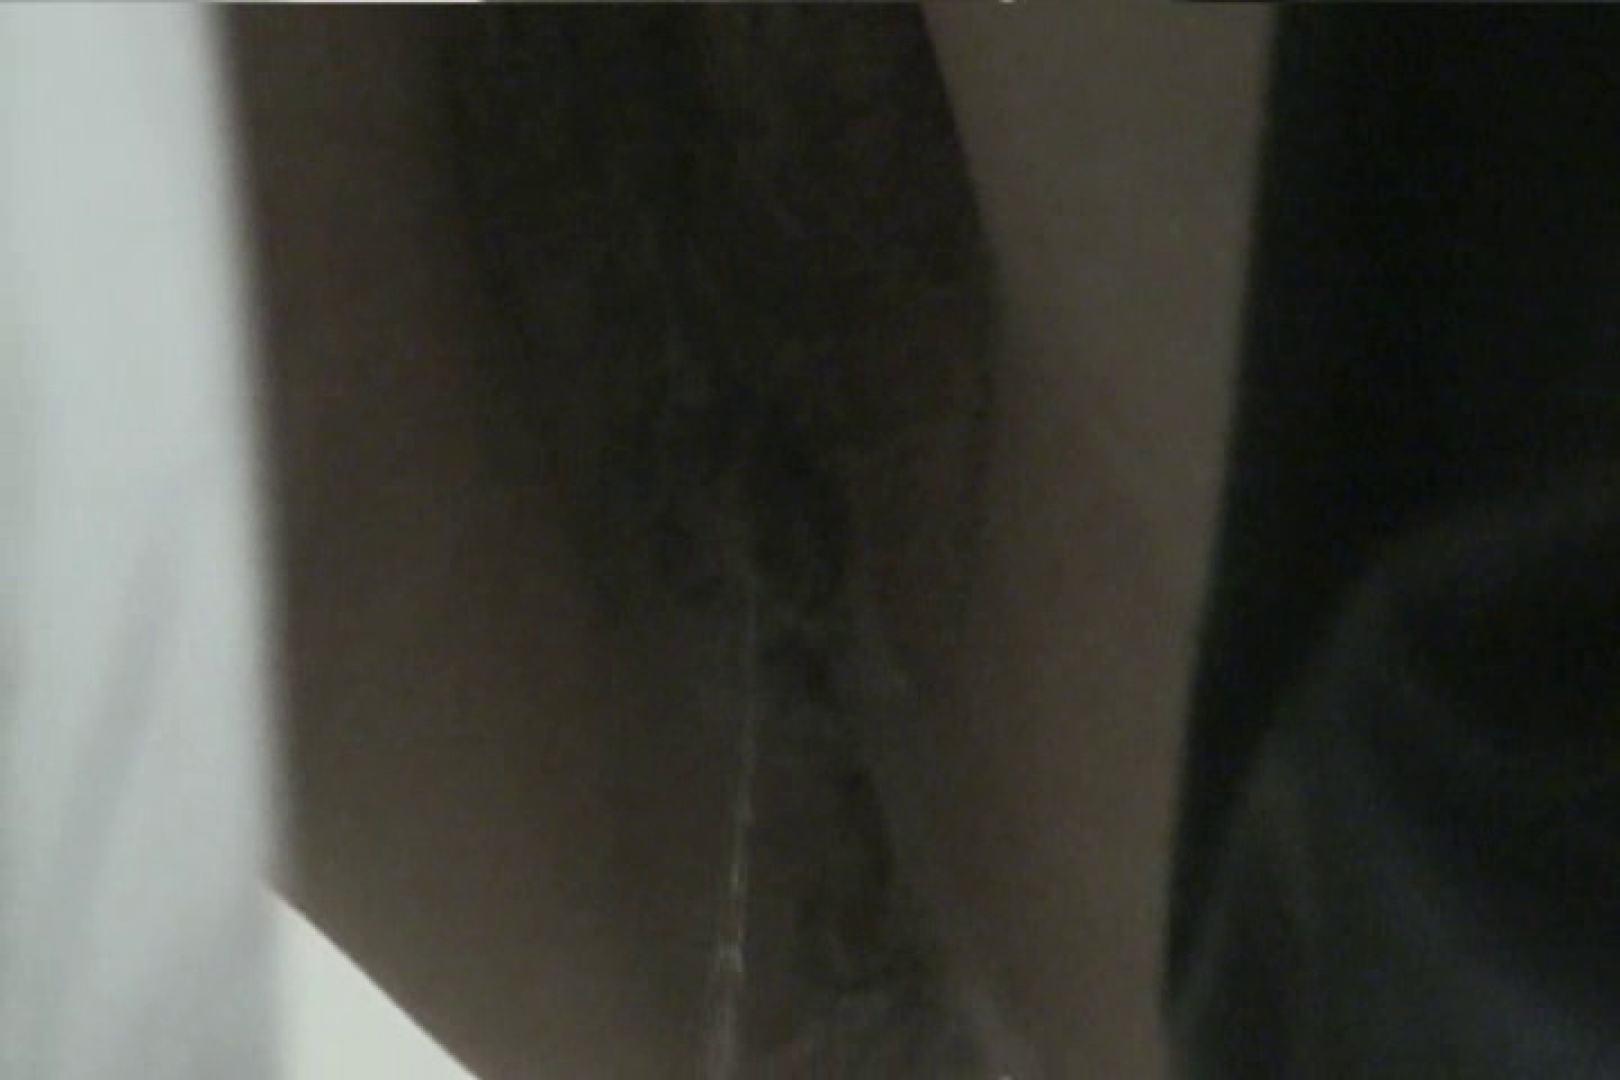 マンコ丸見え女子洗面所Vol.31 OLセックス 覗きぱこり動画紹介 91画像 82